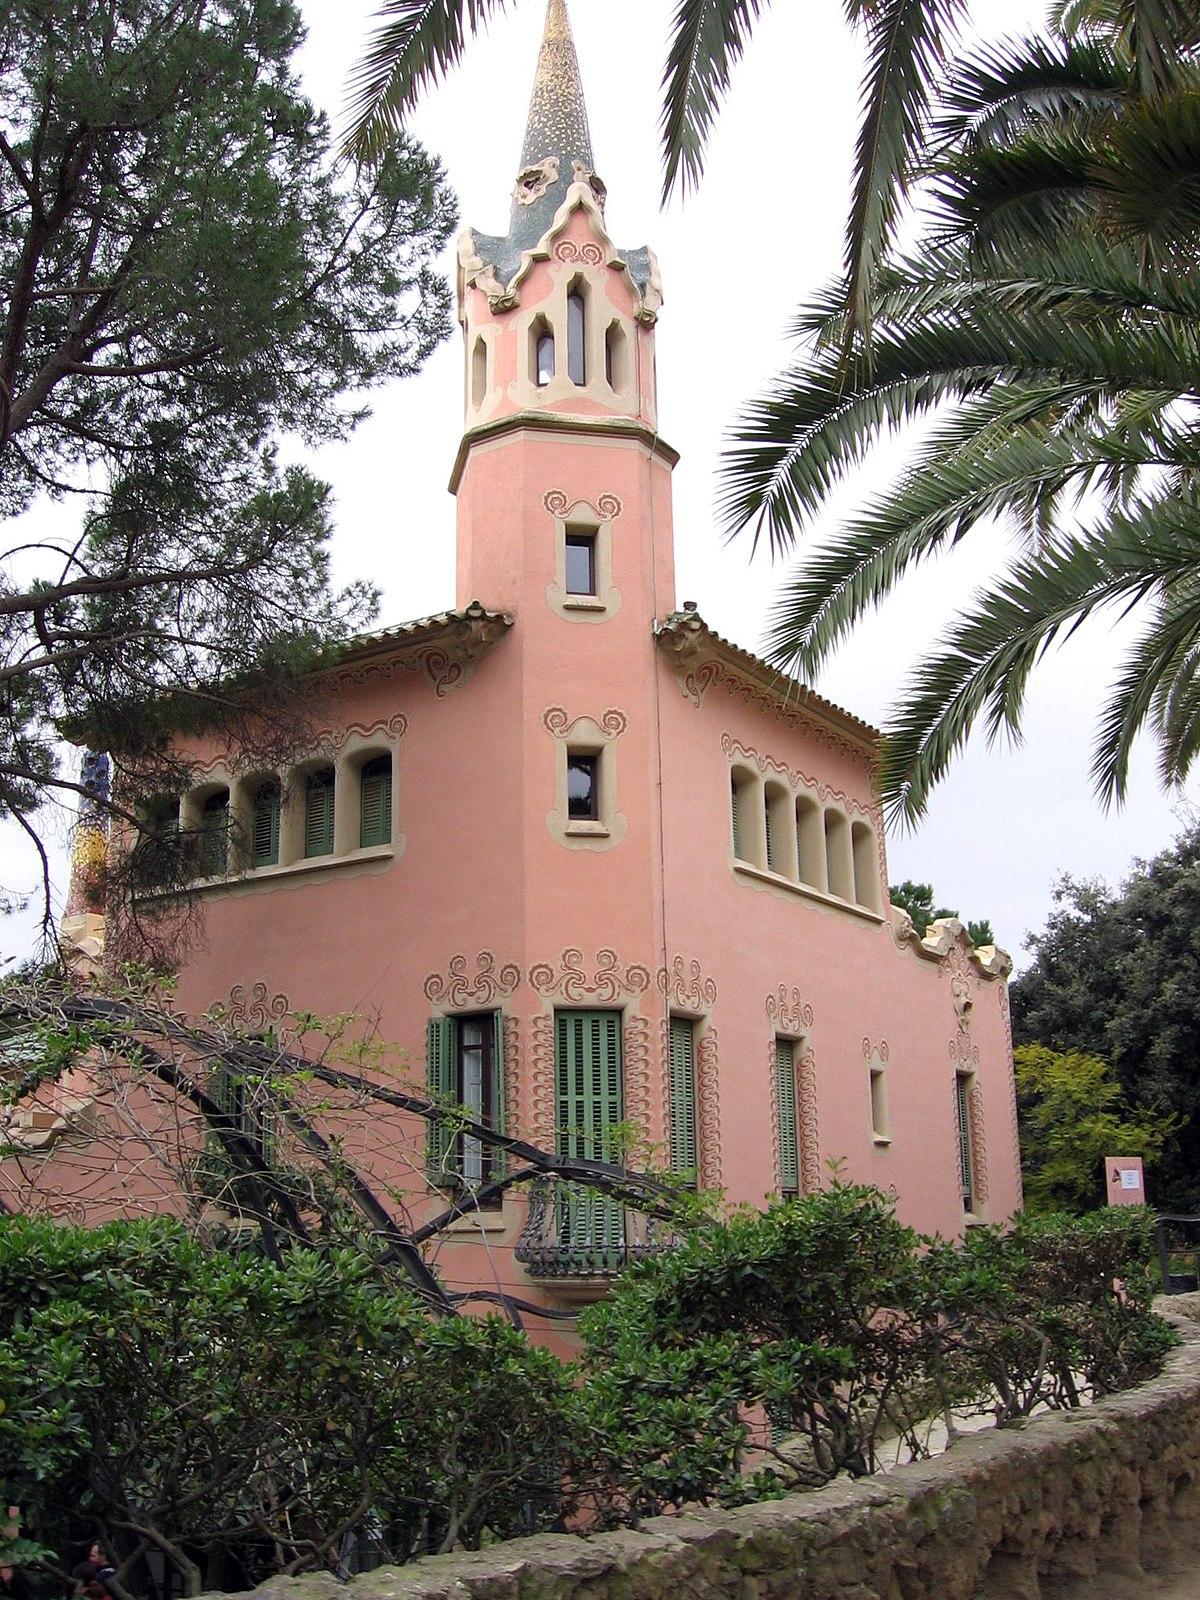 Casa Museu Gaud  Viquipdia lenciclopdia lliure